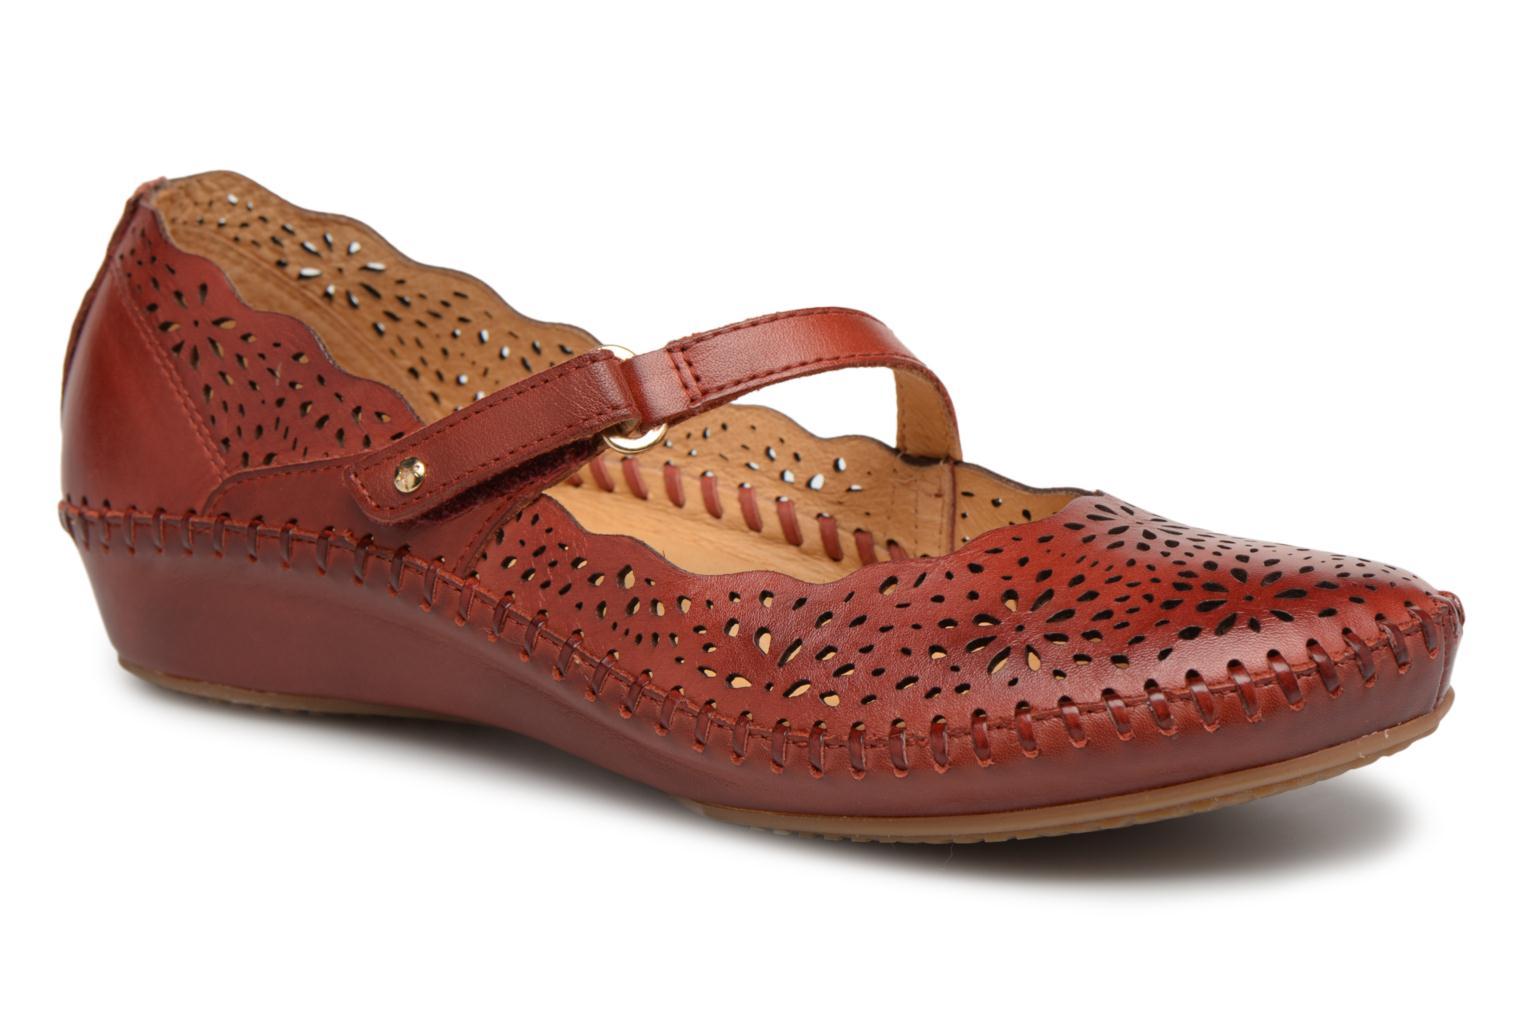 Zapatos de hombres y mujeres de moda casual Pikolinos P. VALLARTA 655 / 1573 sandia (Rojo) - Bailarinas en Más cómodo